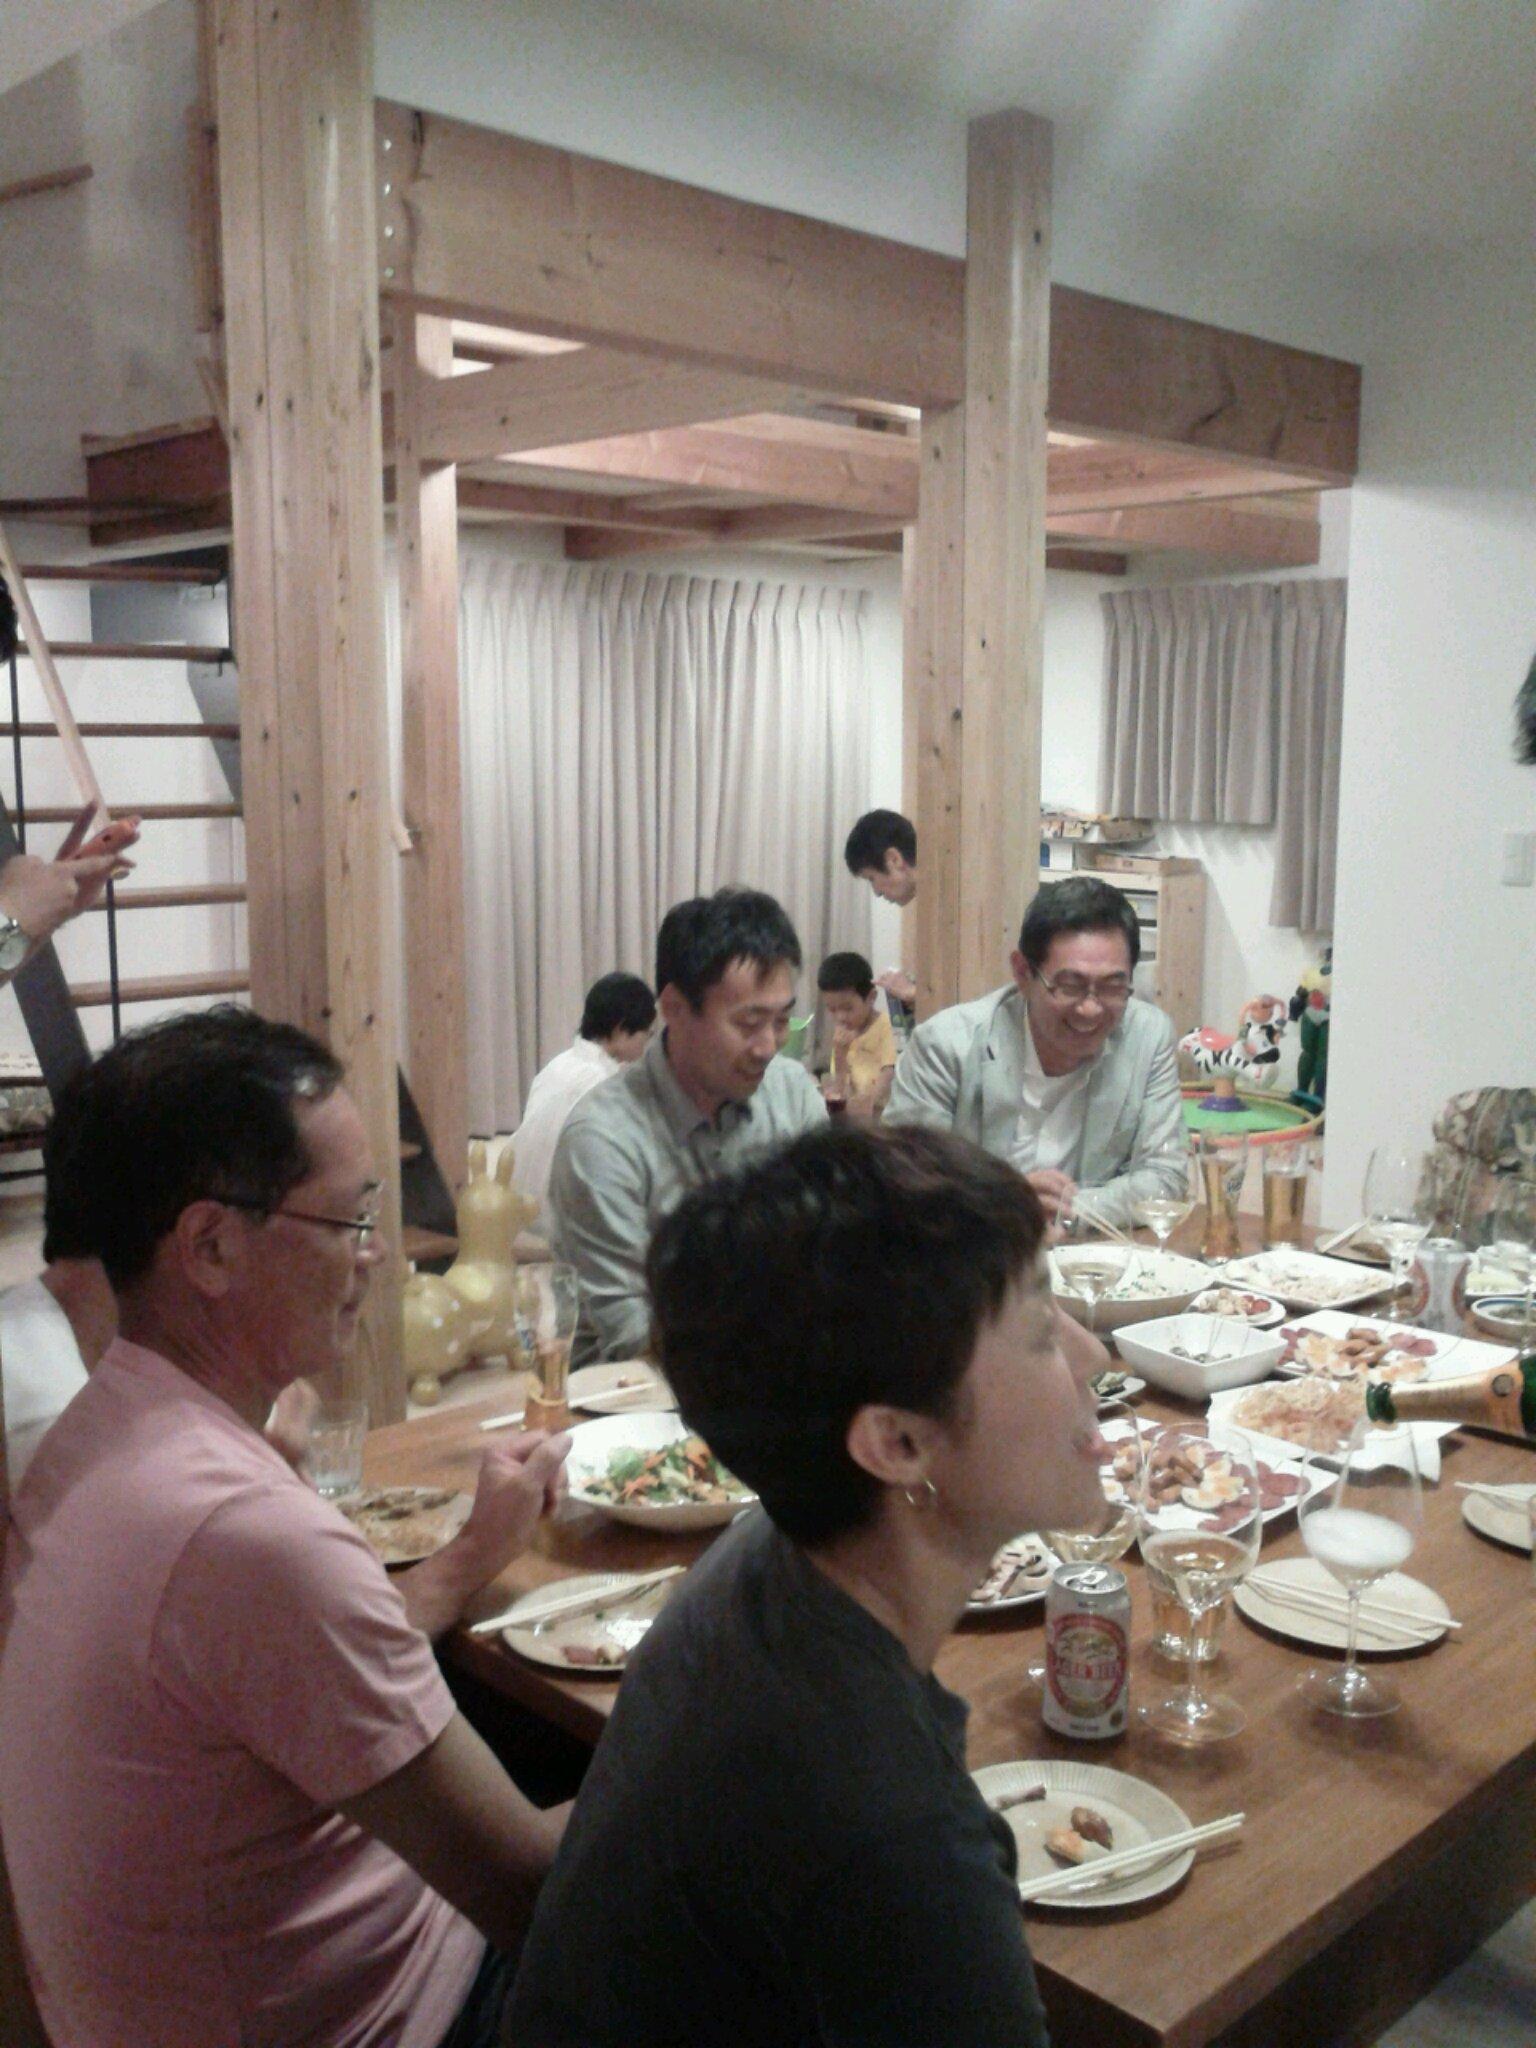 楽しい時間:川崎中原_b0118287_23275940.jpg